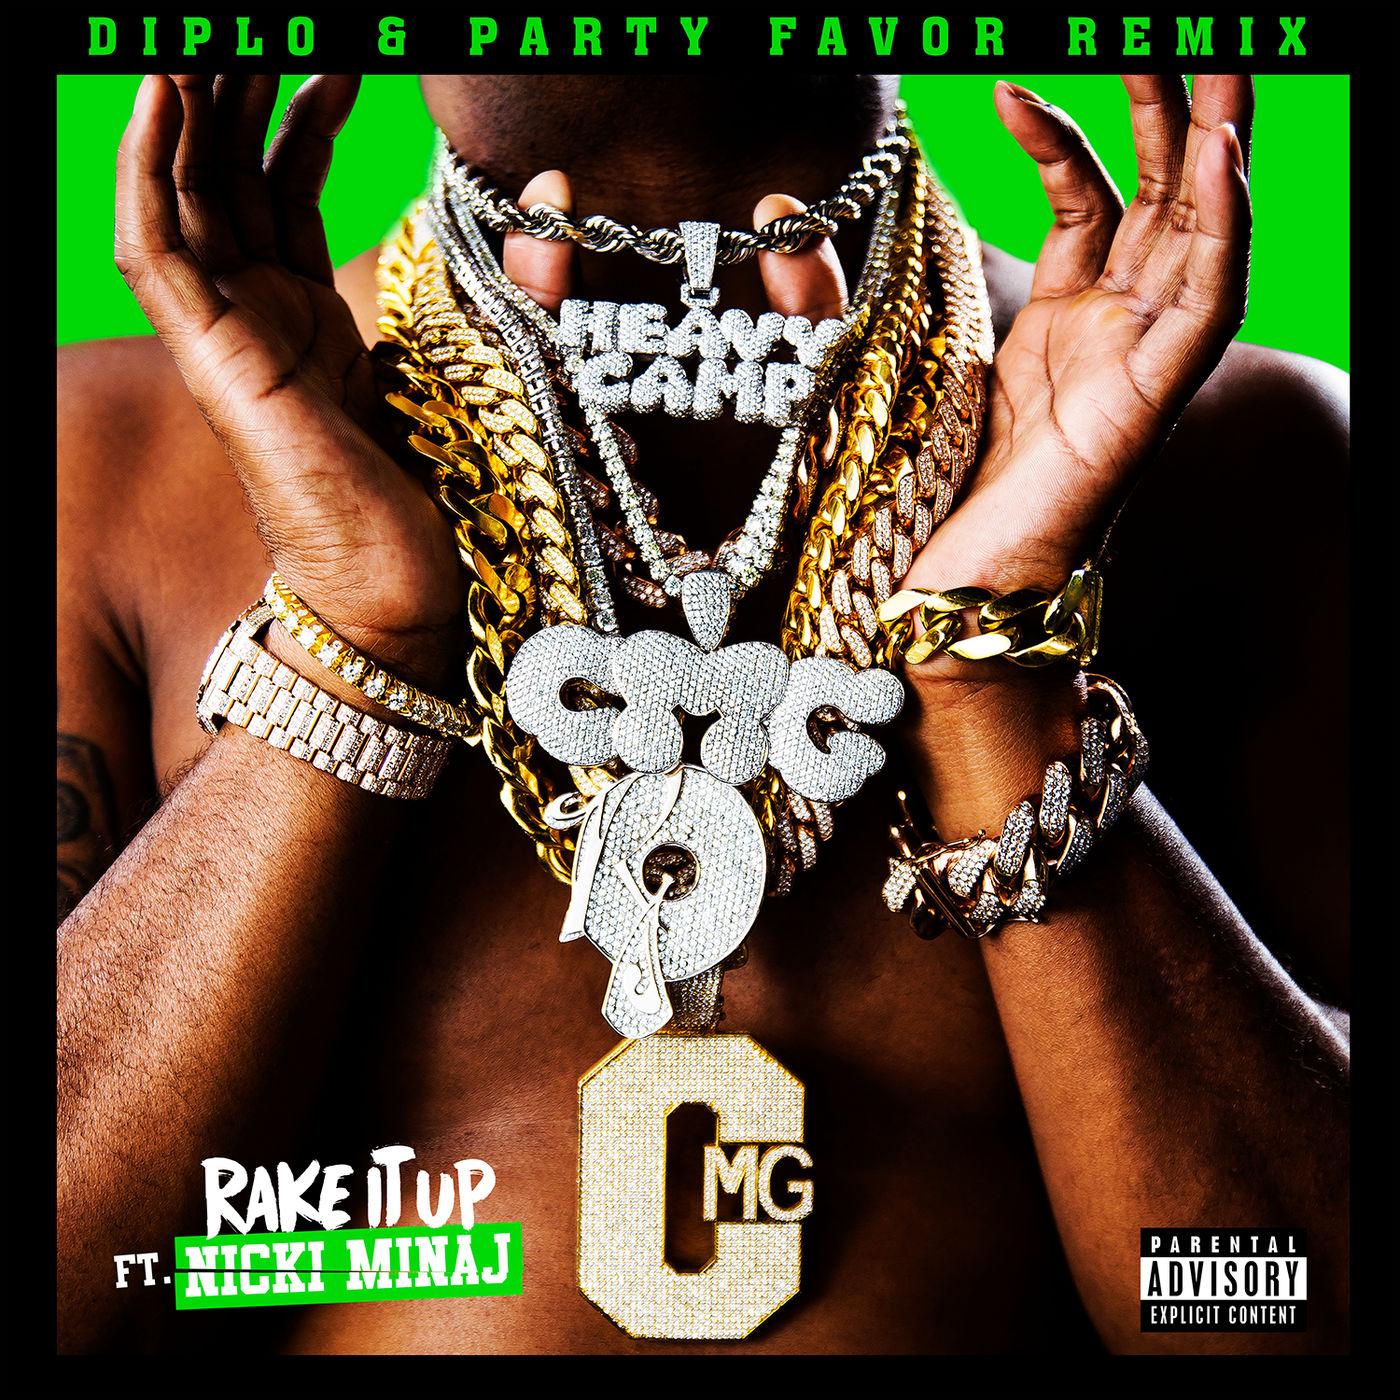 Yo Gotti - Rake It Up (Diplo & Party Favor Remix) [feat. Nicki Minaj] - Single